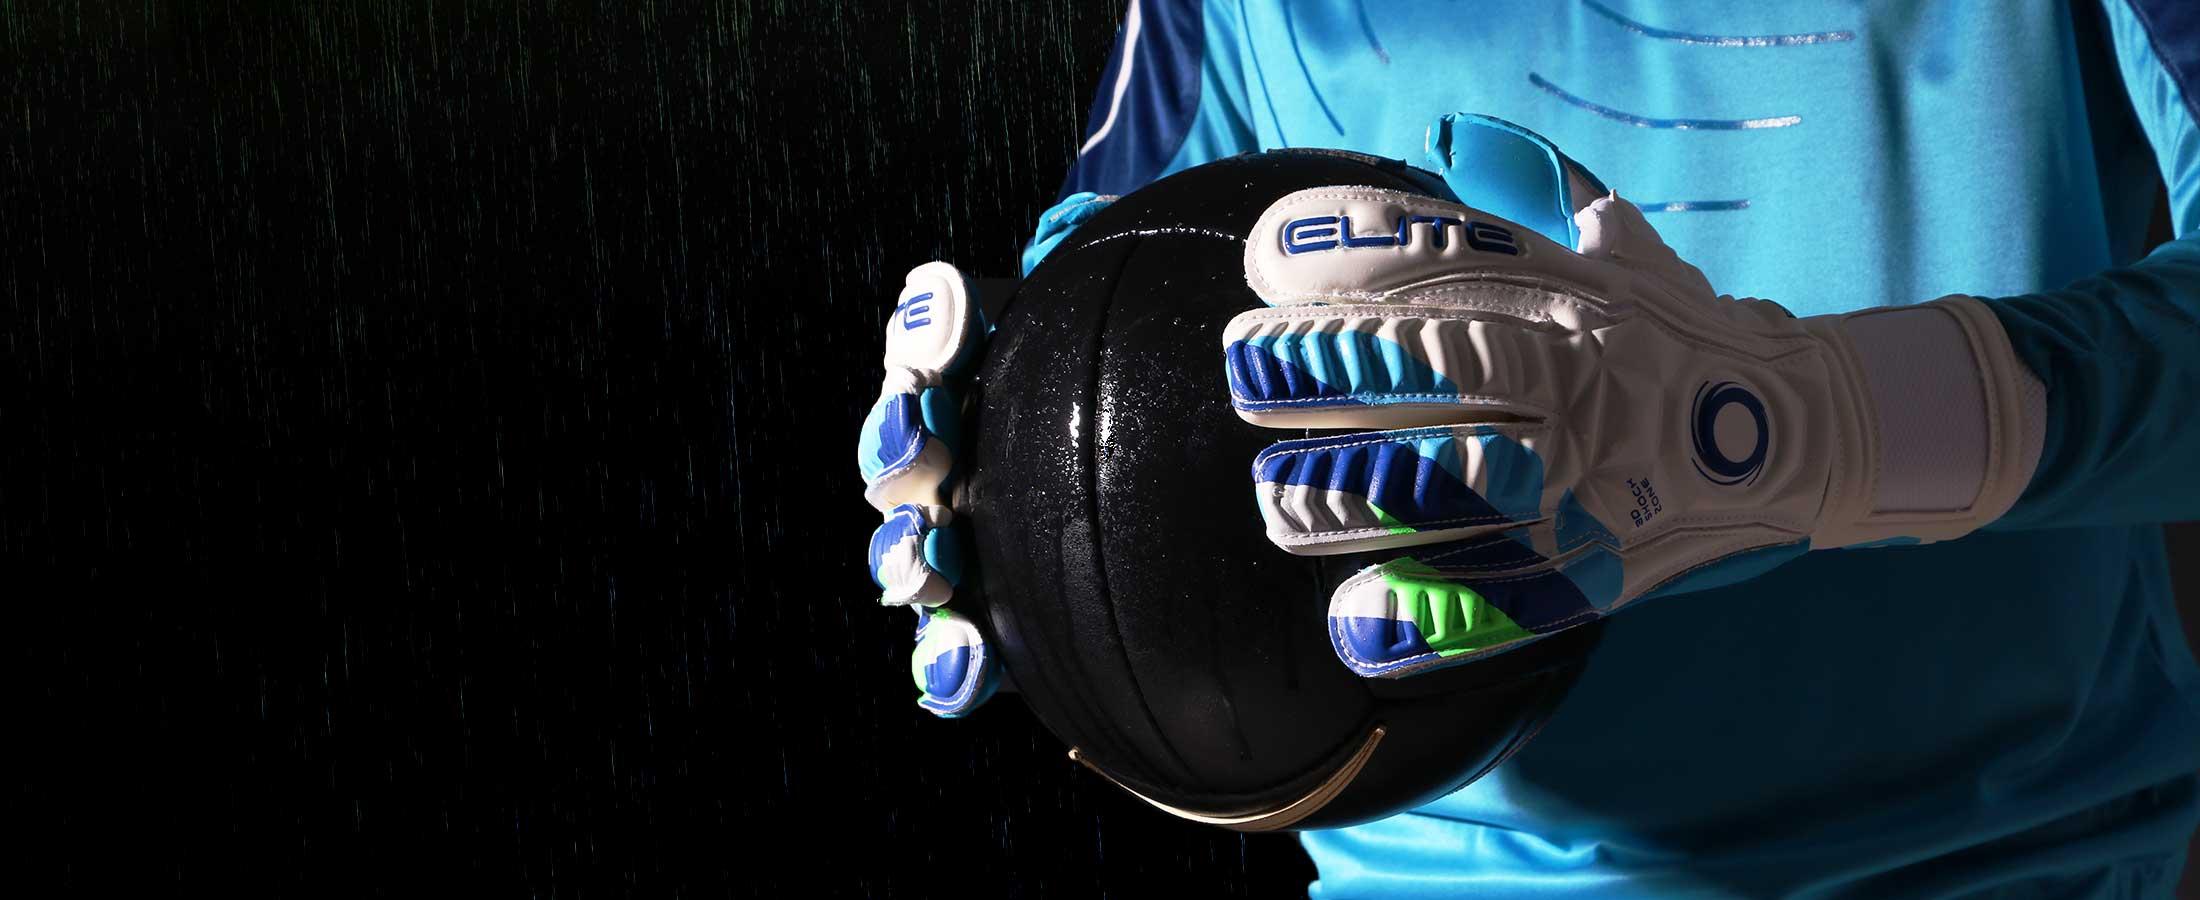 Ropa de portero de fútbol agarre mojado